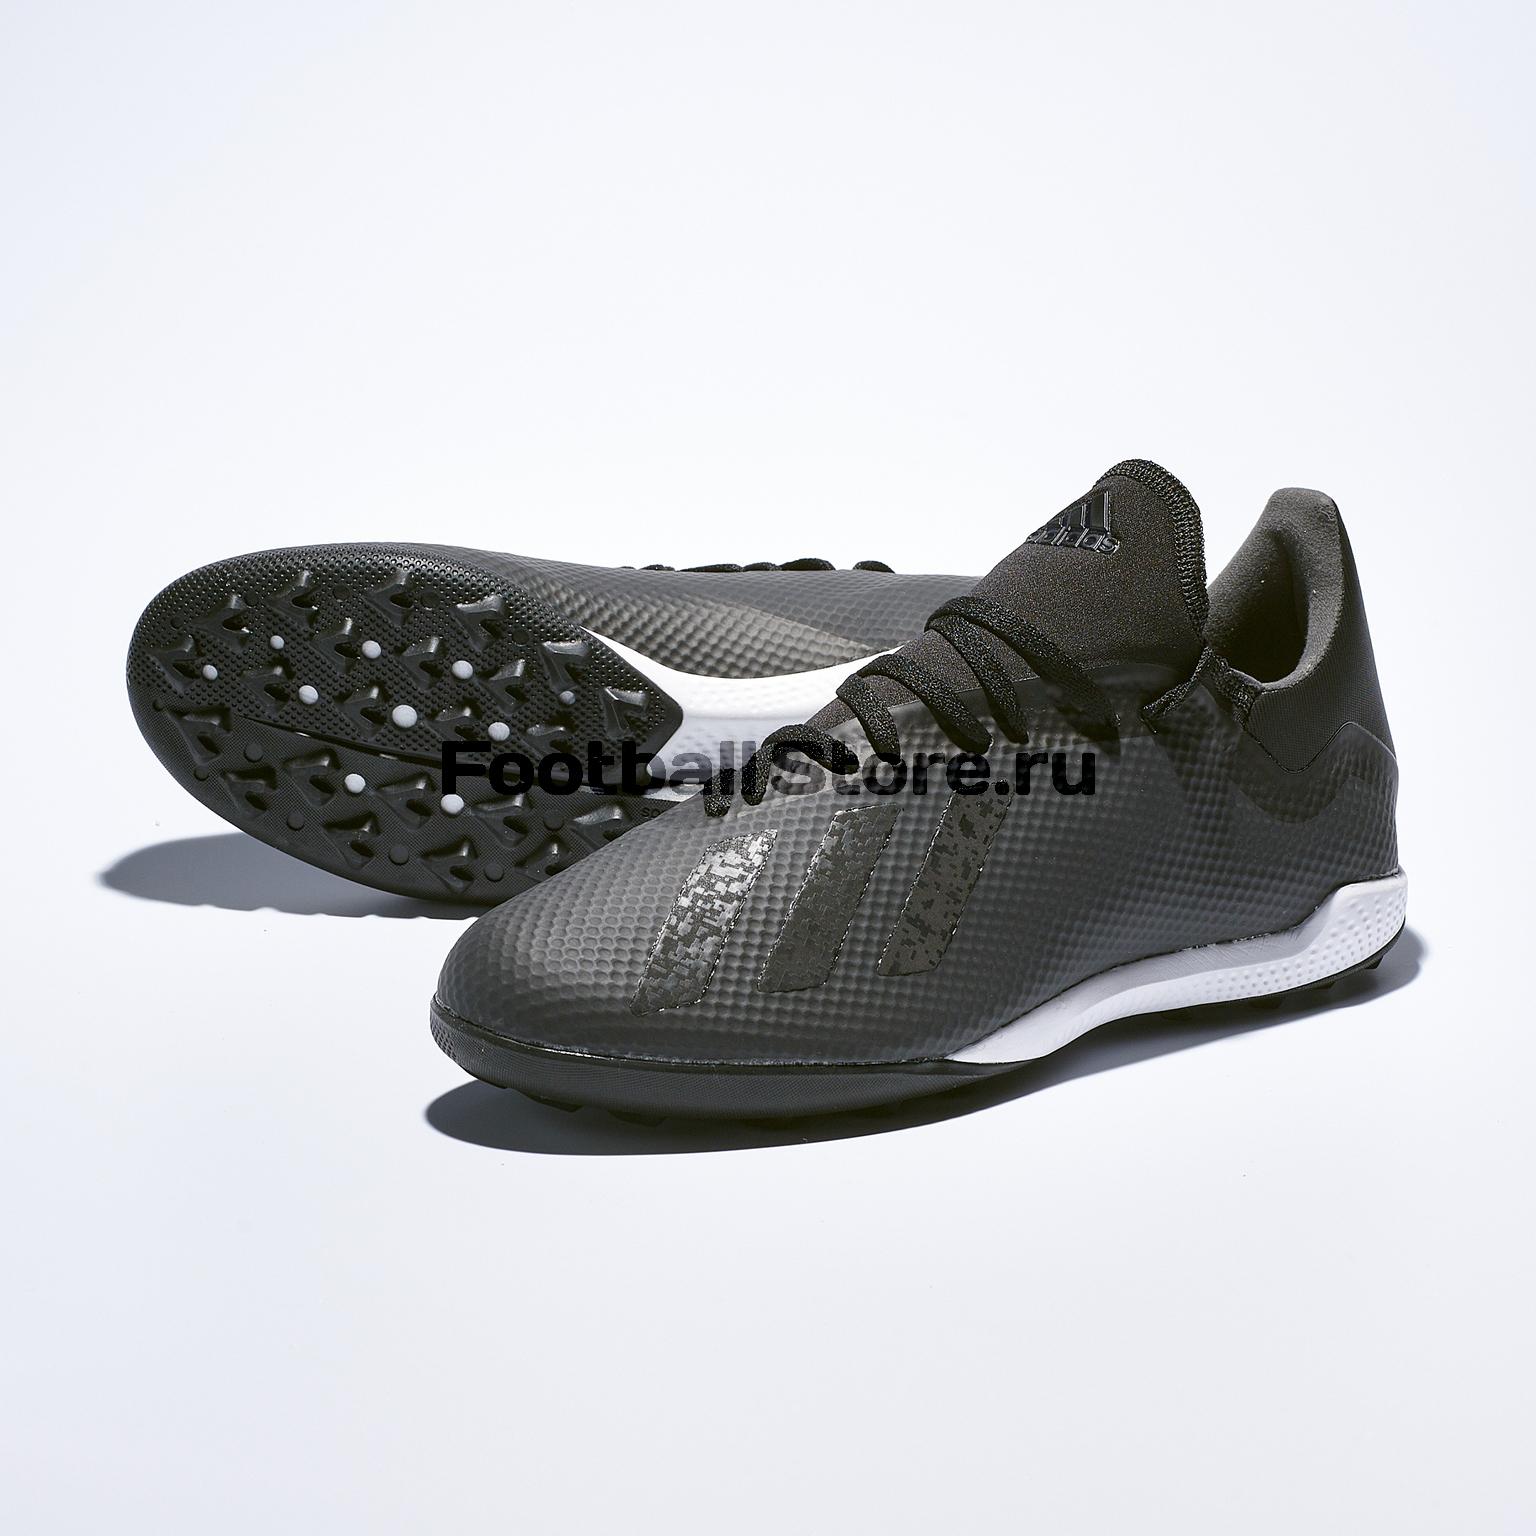 Шиповки Adidas X Tango 18.3 TF DB2476